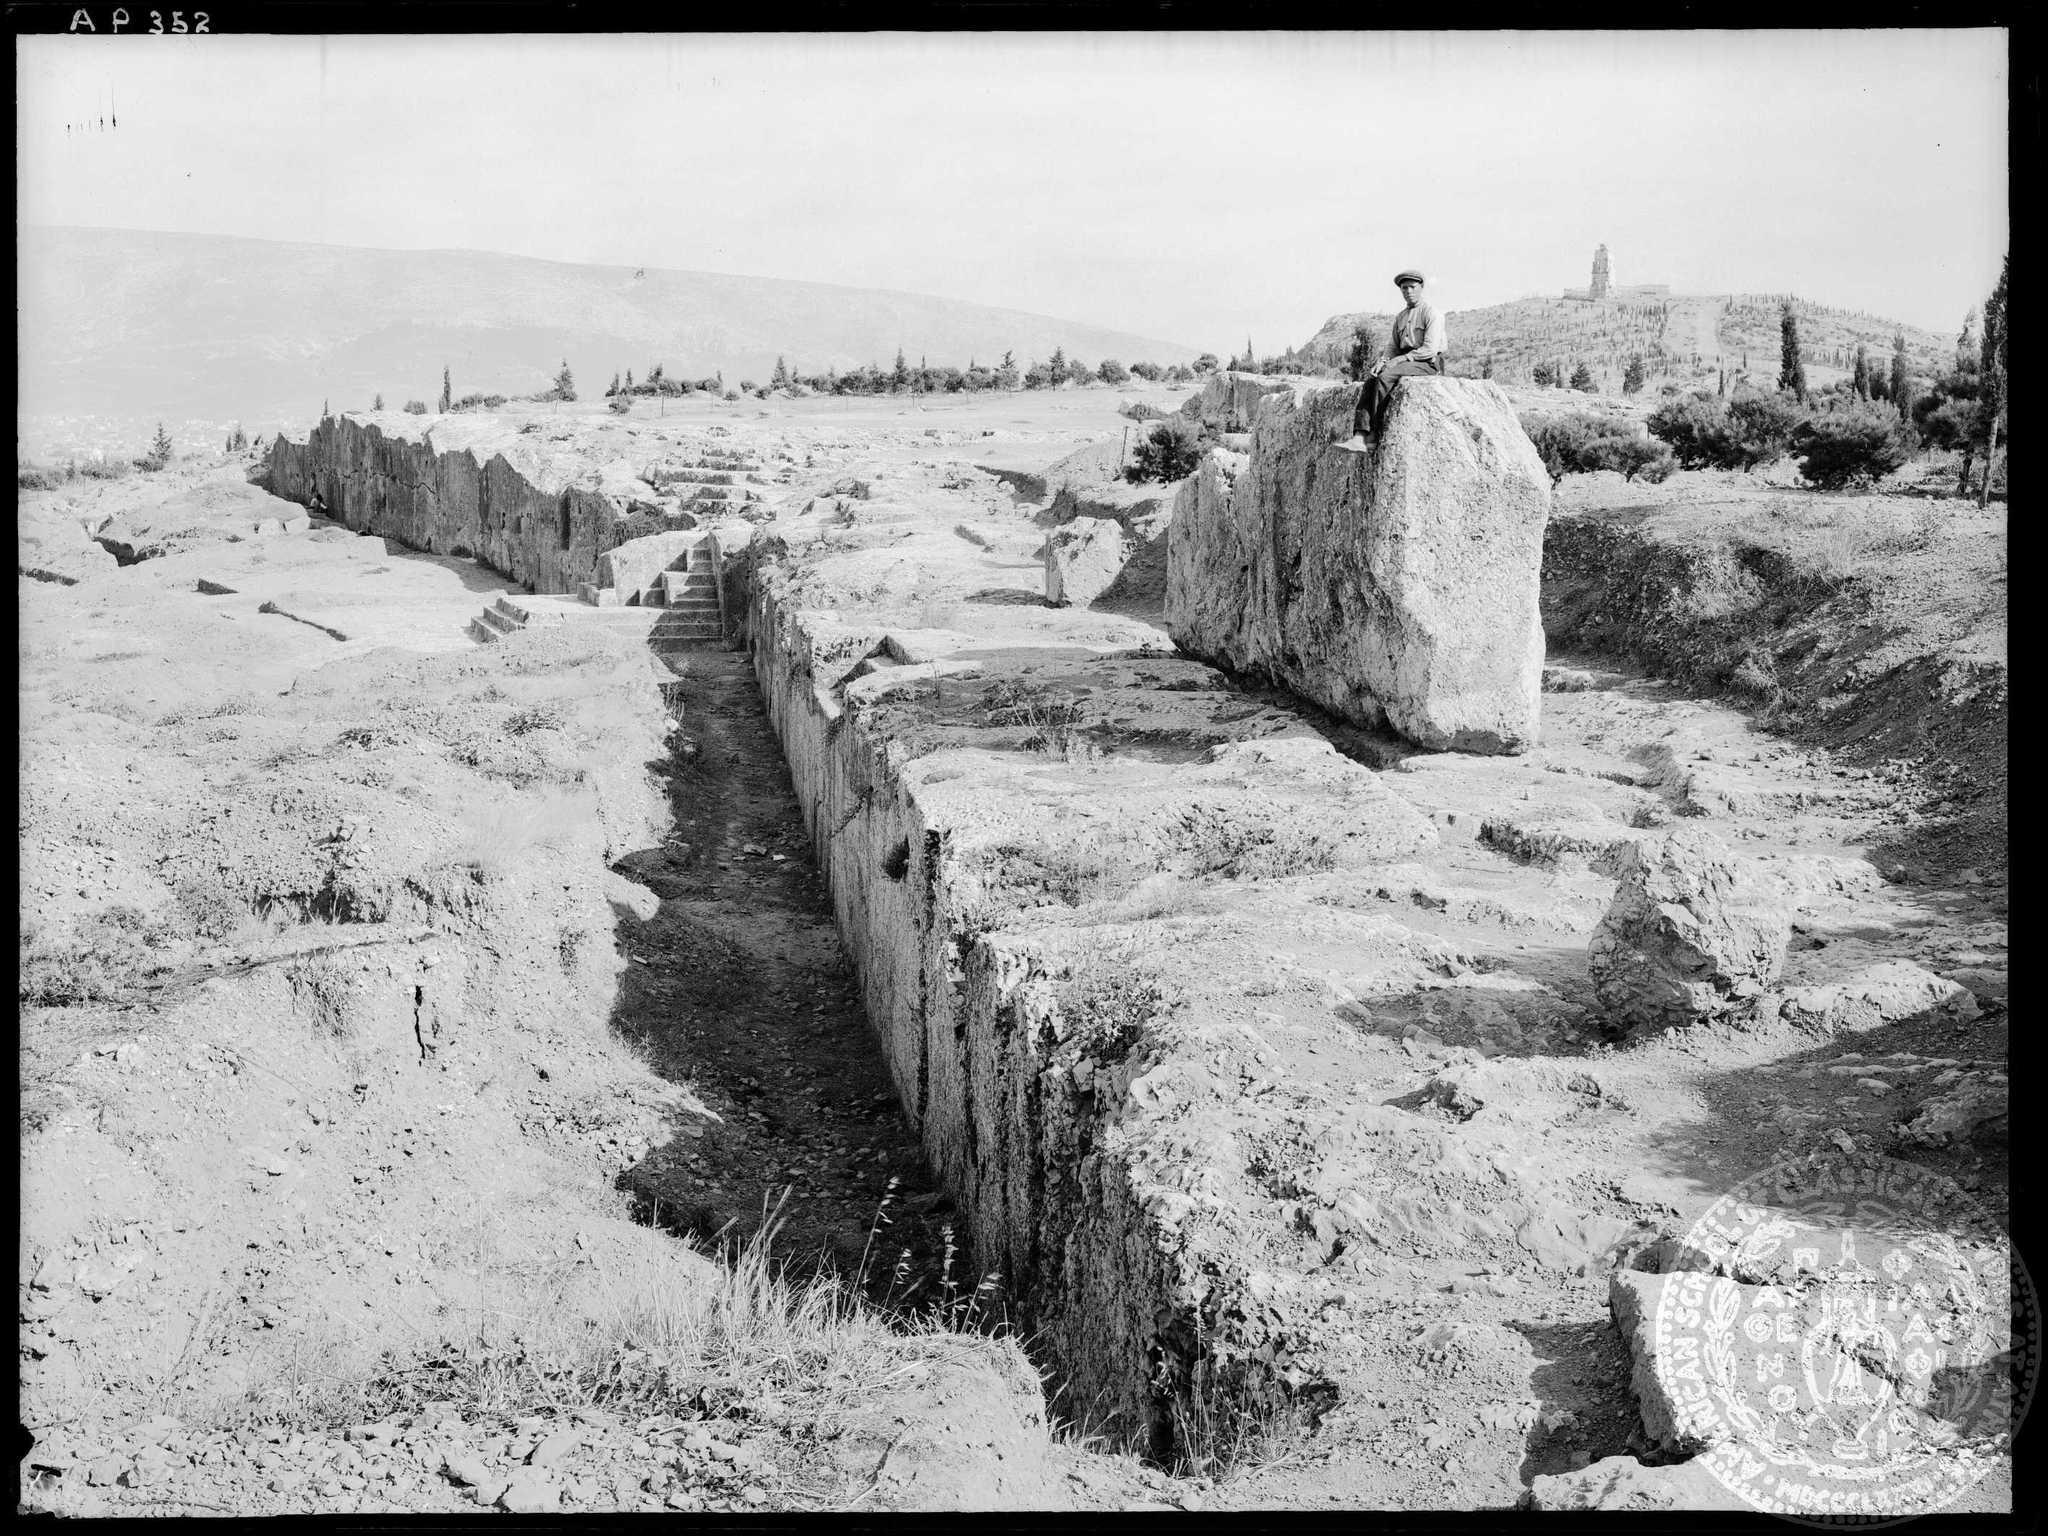 Η Πνύκα, τόπος έμπνευσης για αρχαίους και σύγχρονους στοχαστές (Αμερικανική Σχολή Κλασικών Σπουδών στην Αθήνα, Αρχαιολογικό Φωτογραφικό Αρχείο, AP 0352).